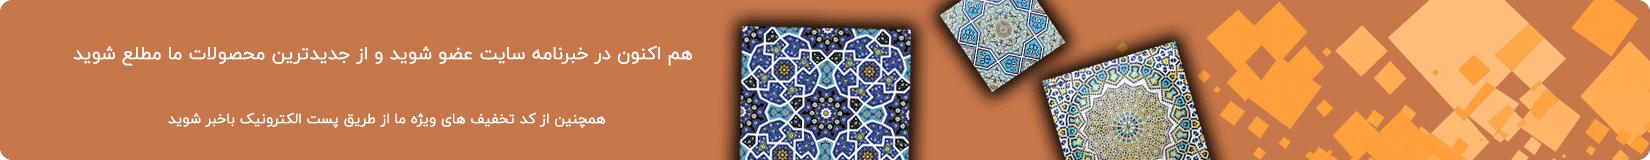 عضویت در خبرنامه و اطلاع از تخفیفات